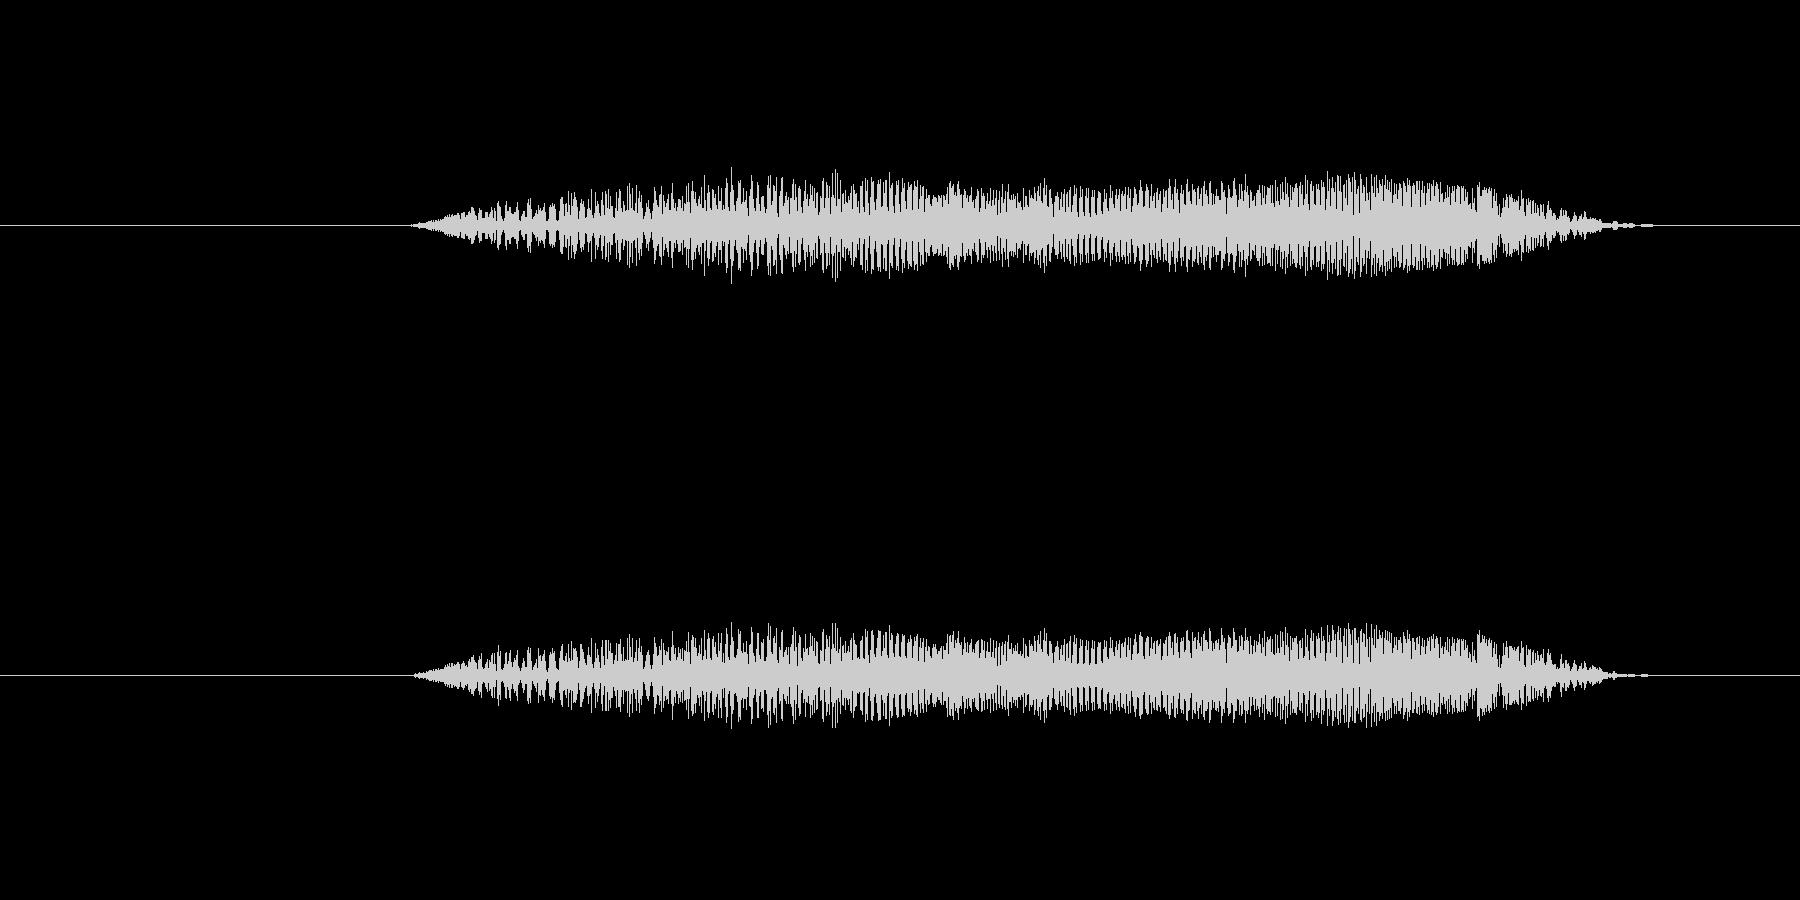 鳥 フクロウの叫び01の未再生の波形